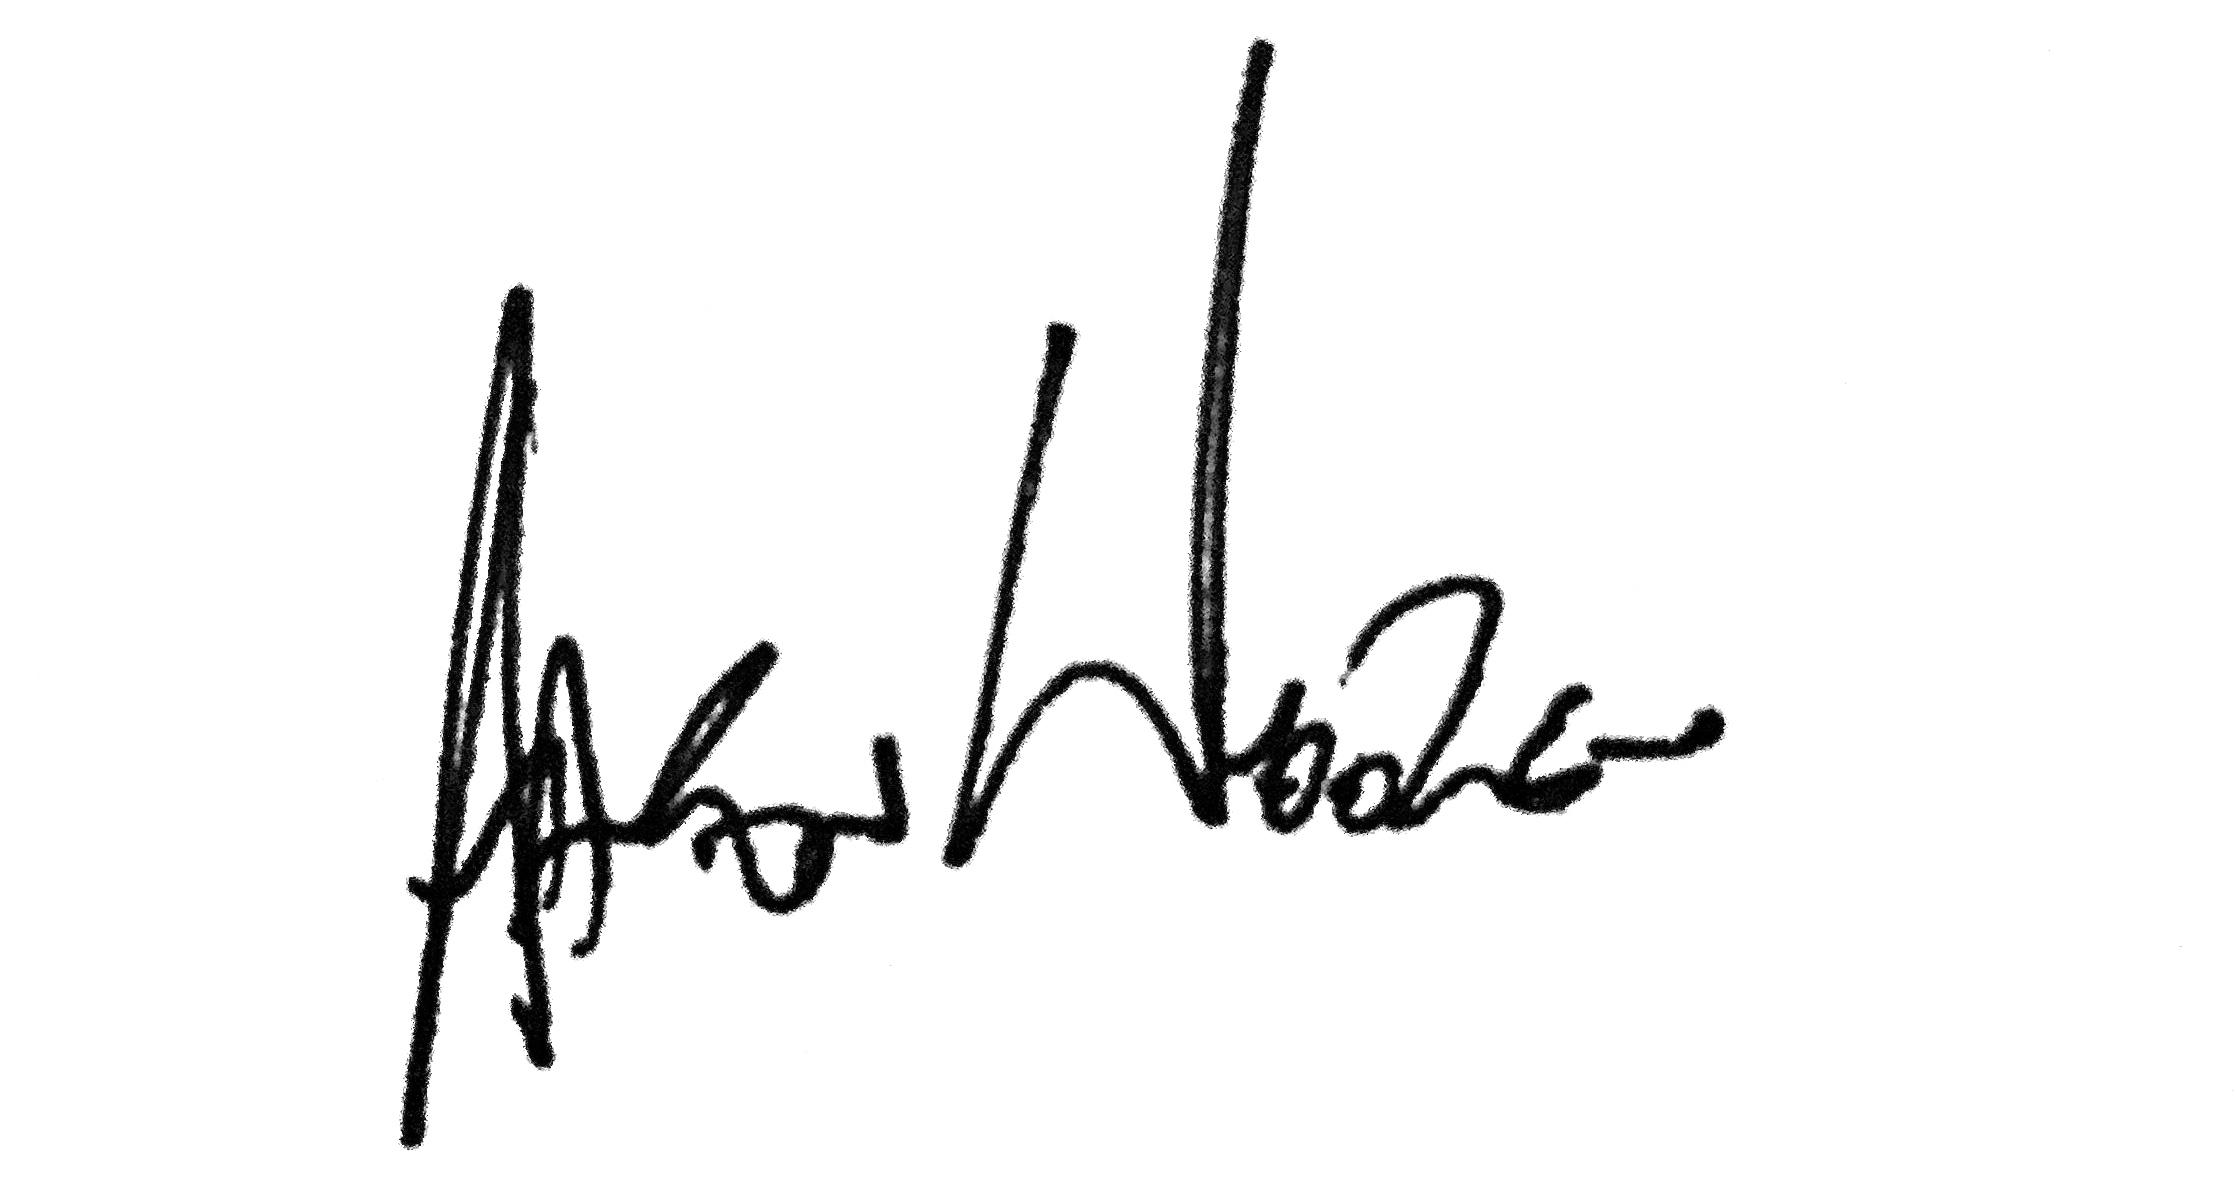 AAron wooten's Signature